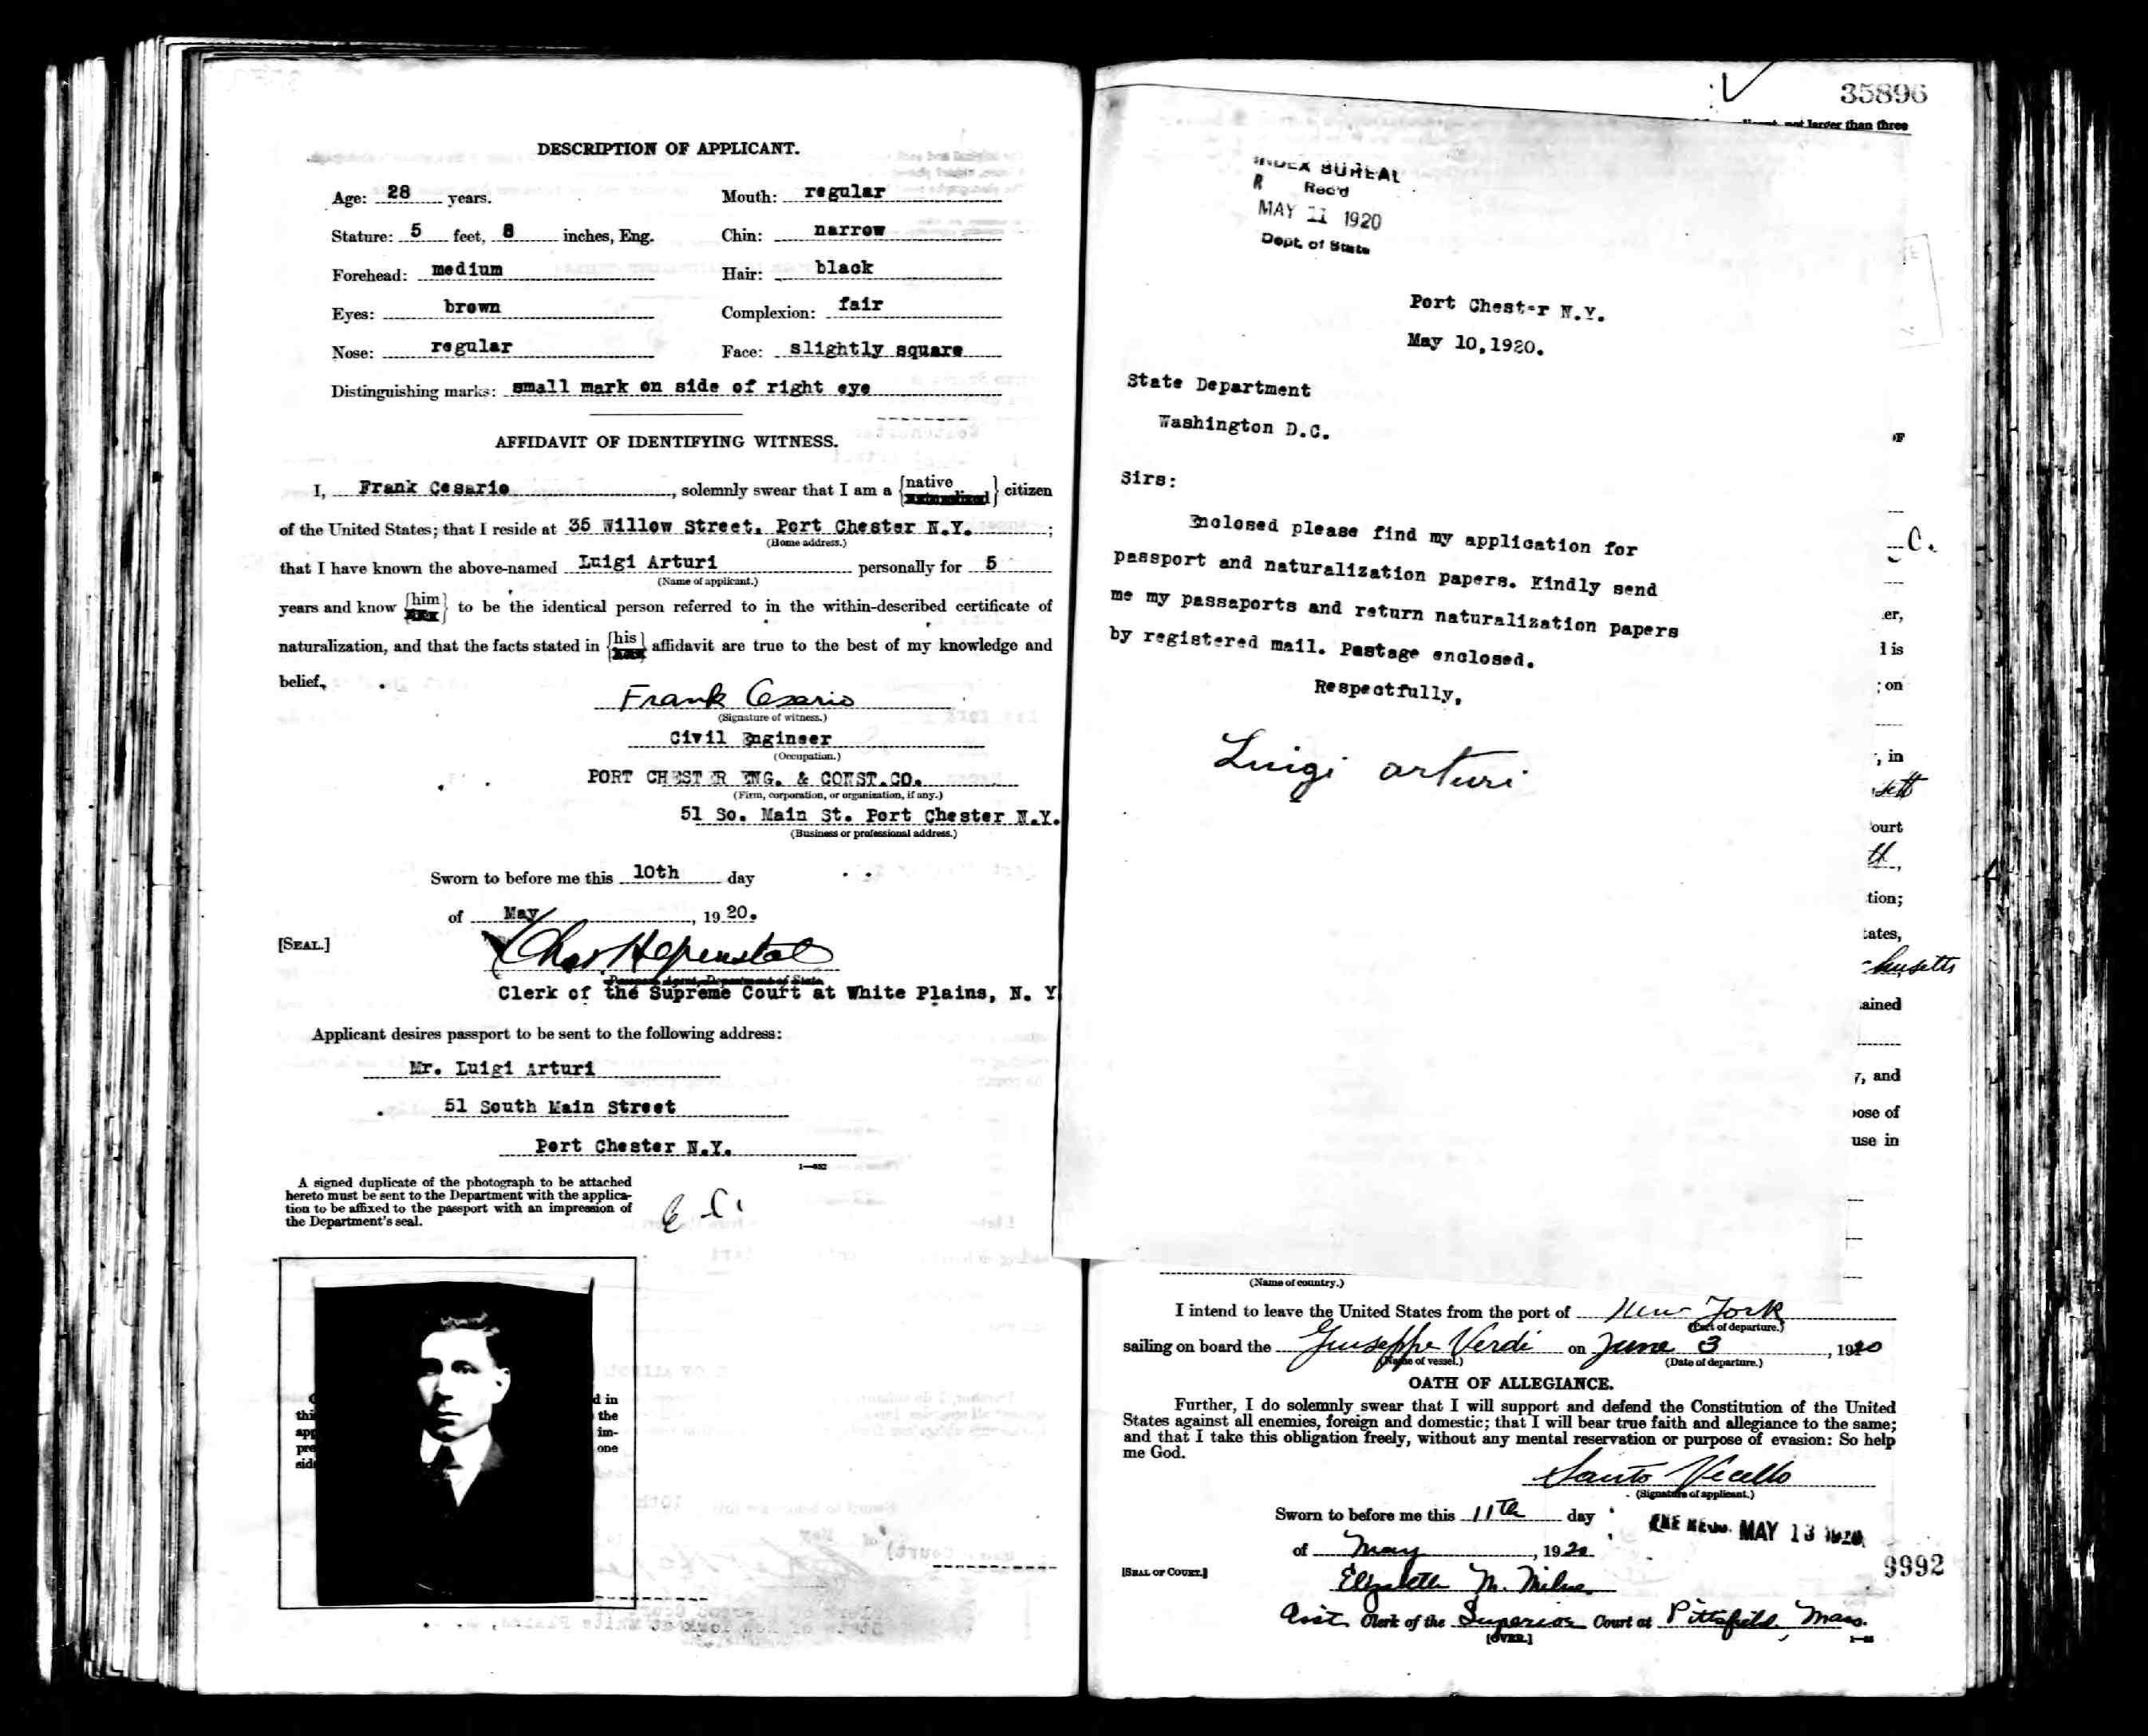 Luigi Arturi page 2